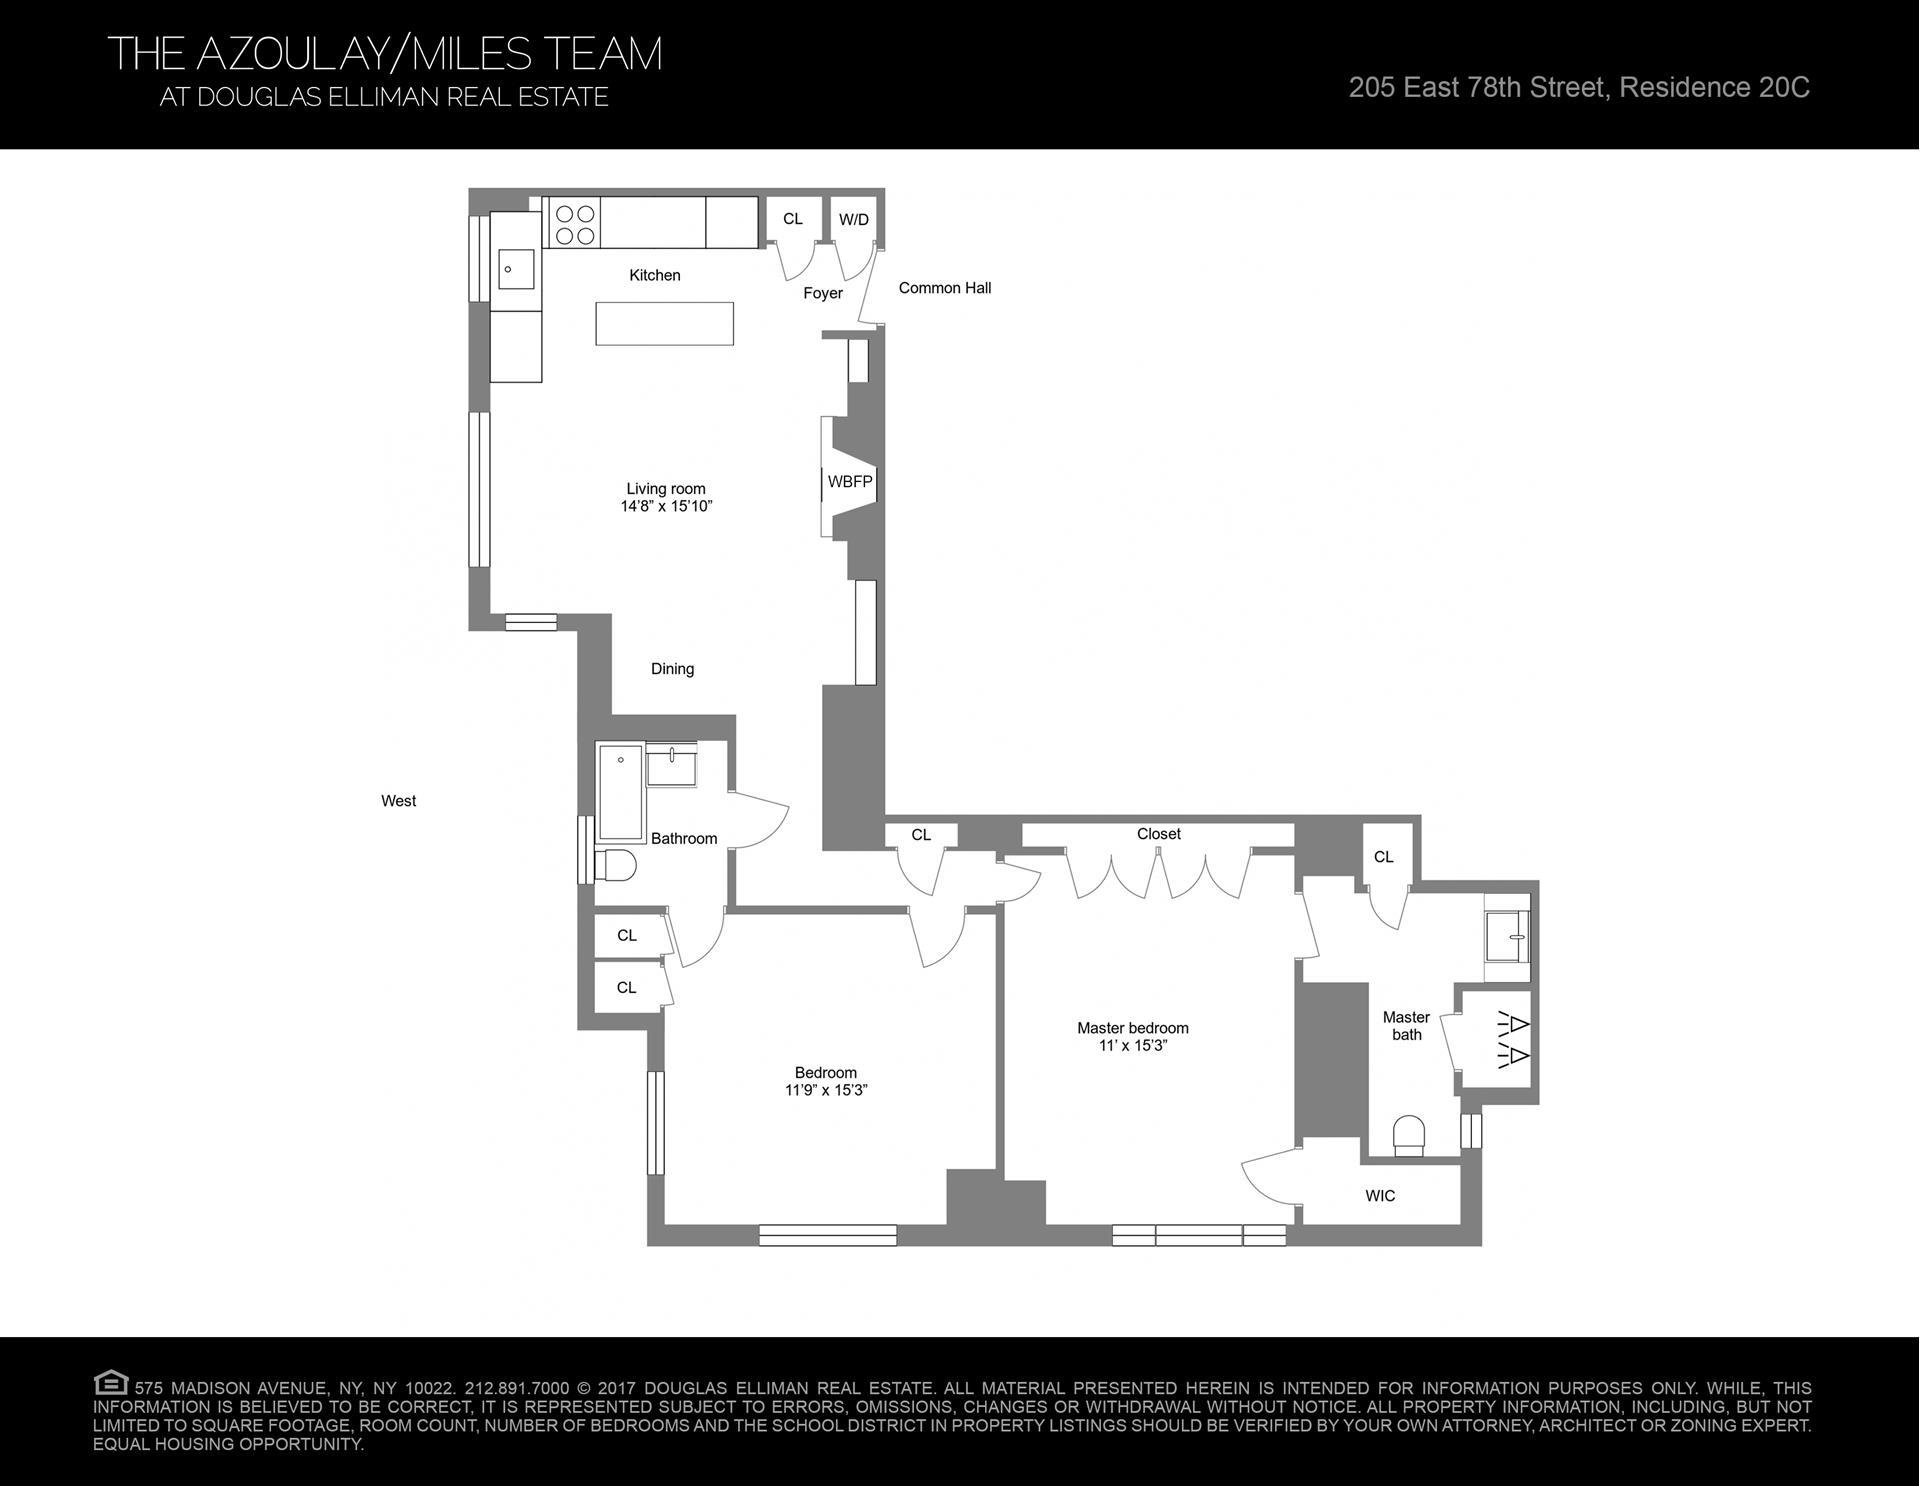 Floor plan of 205 East 78th St, 20C - Upper East Side, New York